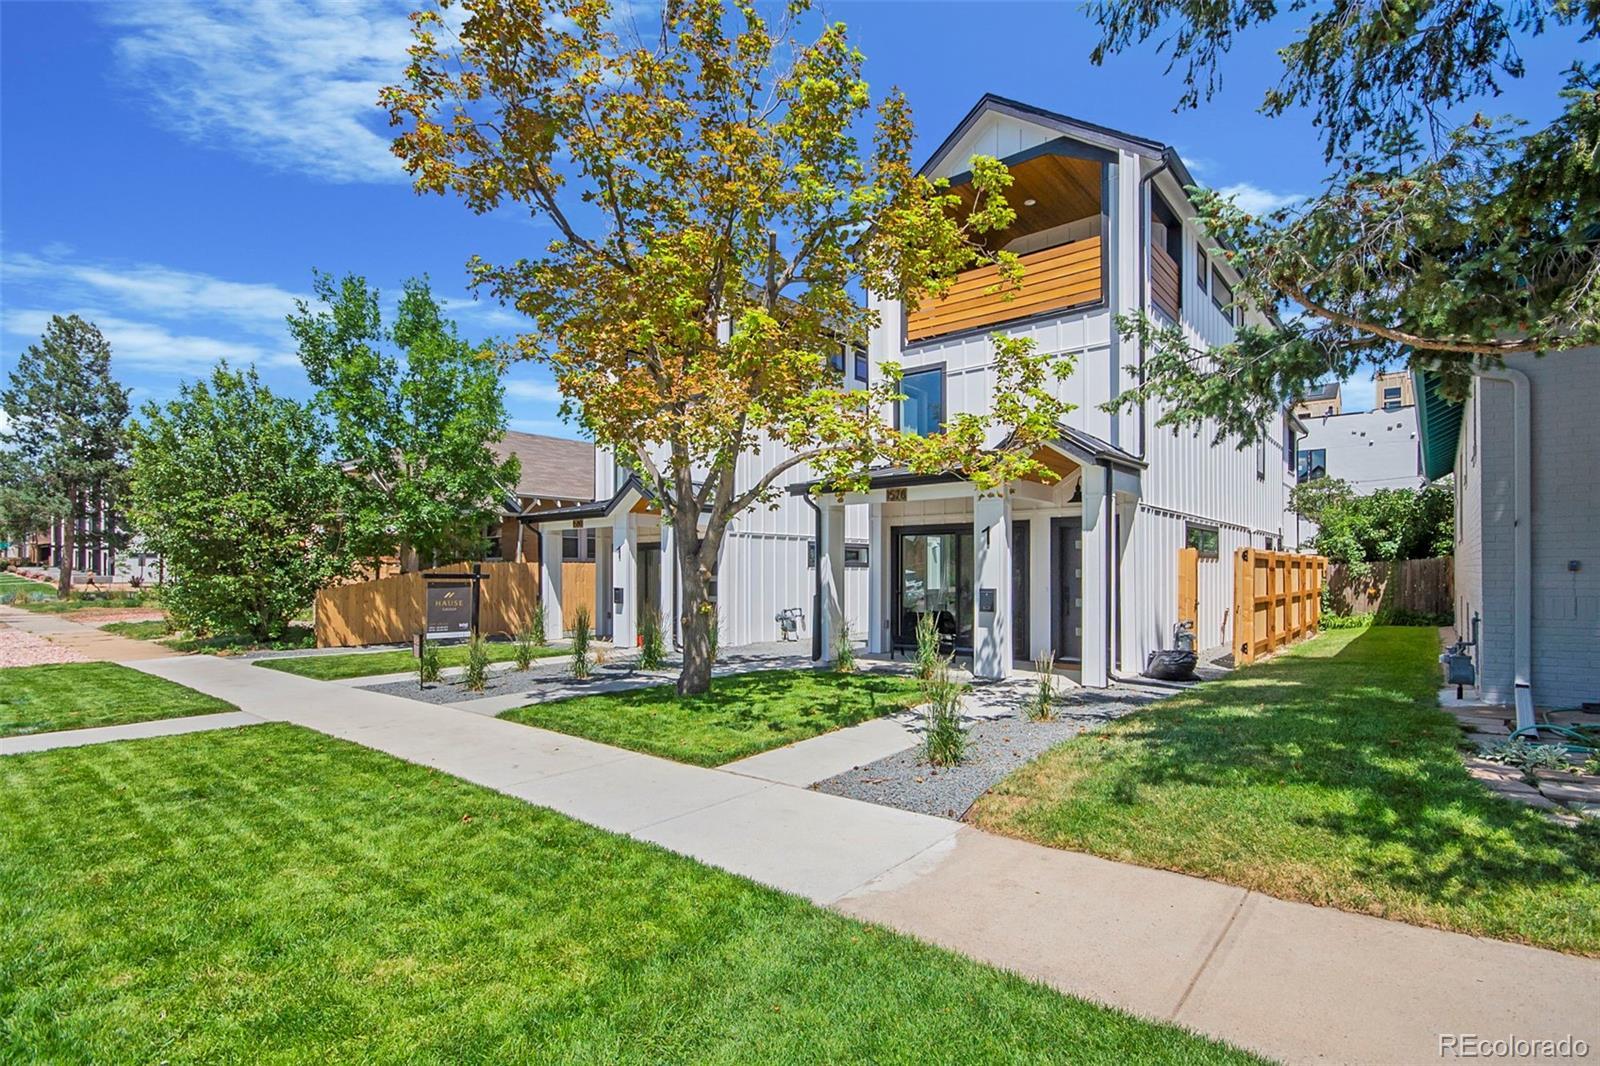 MLS# 7453882 - 3 - 1580 Lowell Boulevard #2, Denver, CO 80204